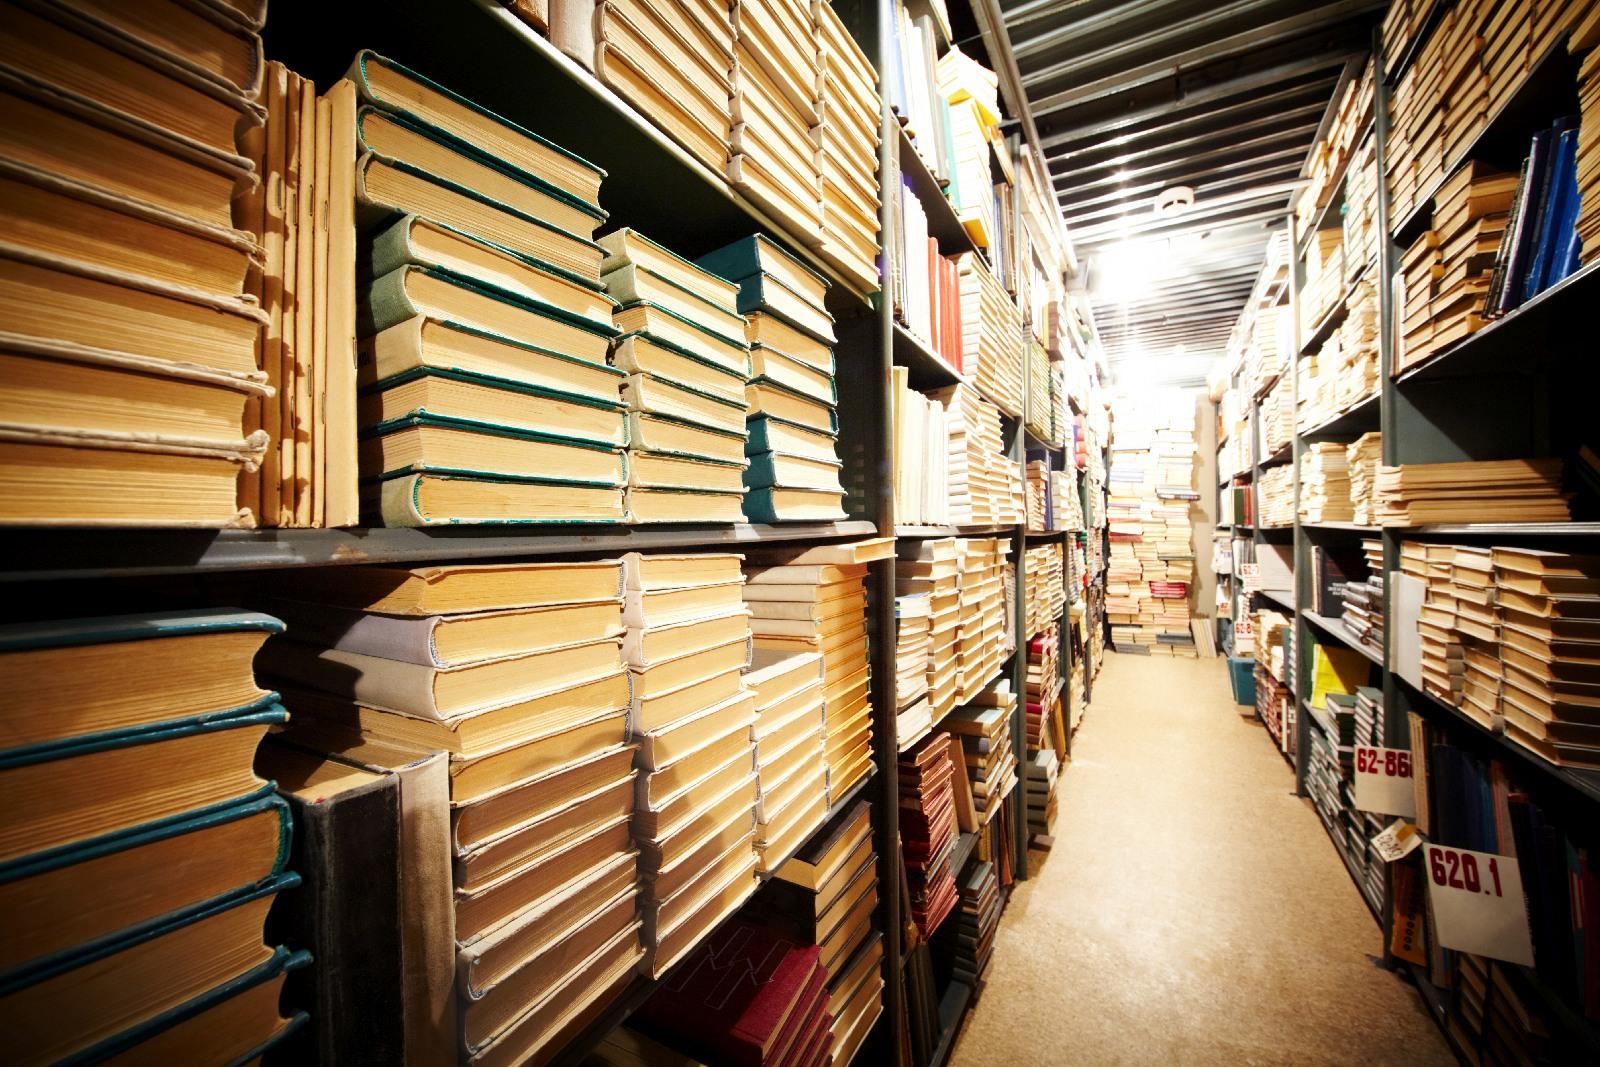 Hangi Üniversiteler Kütüphanelerini Dijitalleşti?